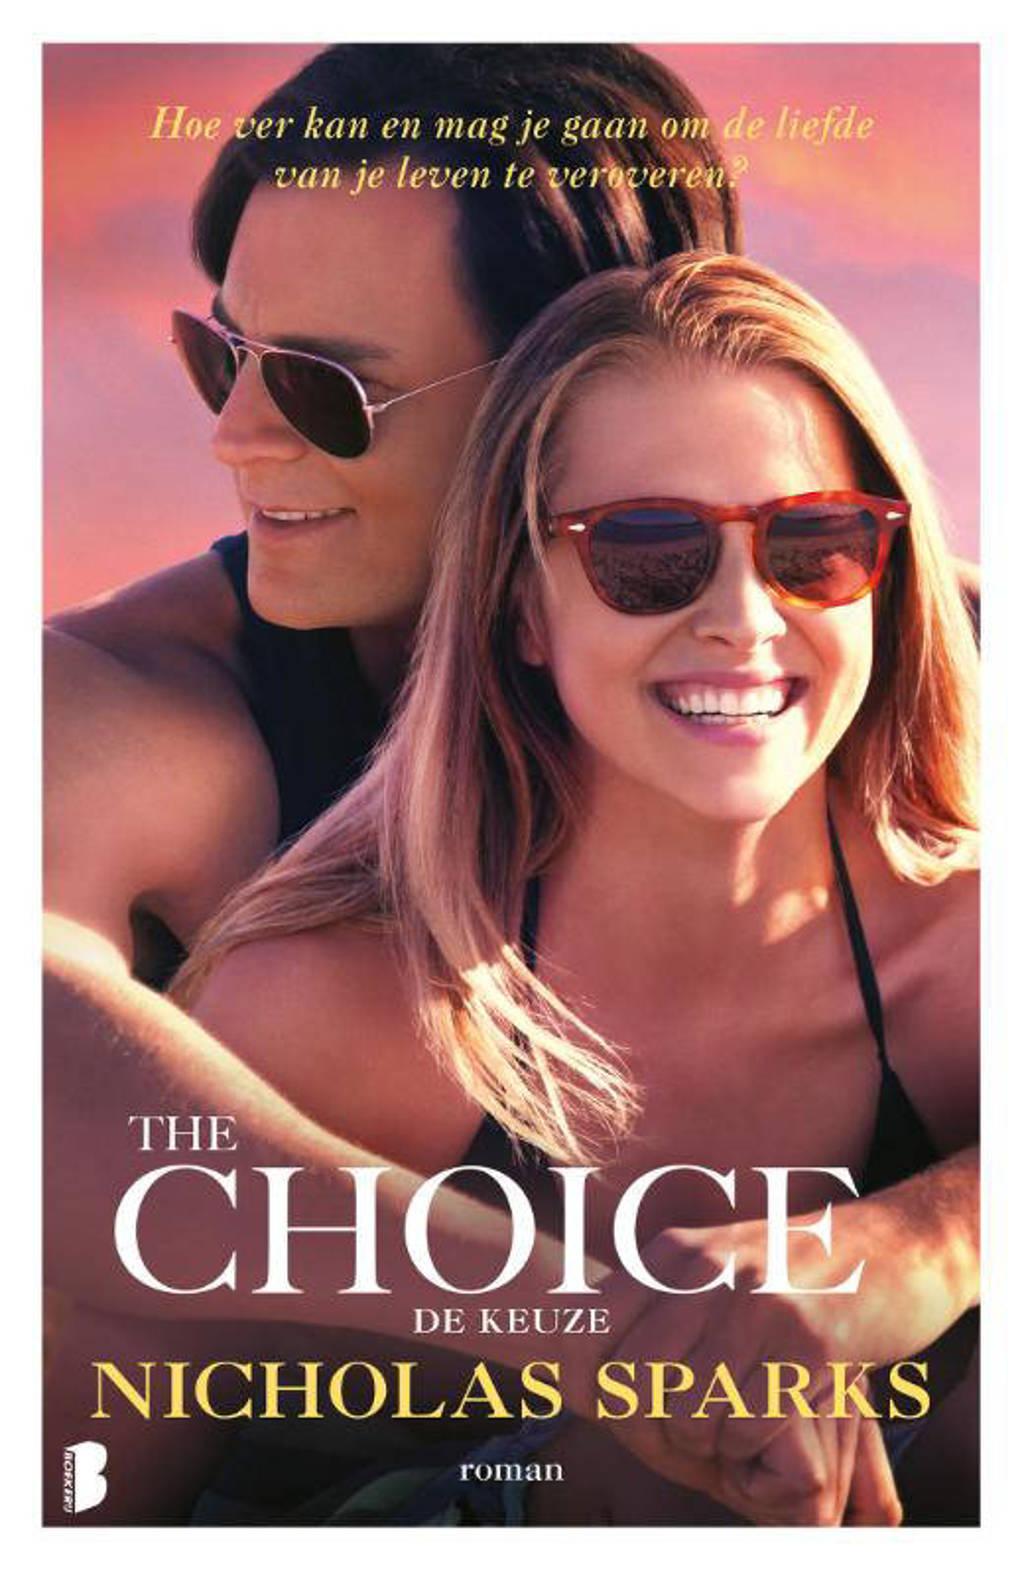 The choice (De keuze) - Nicholas Sparks